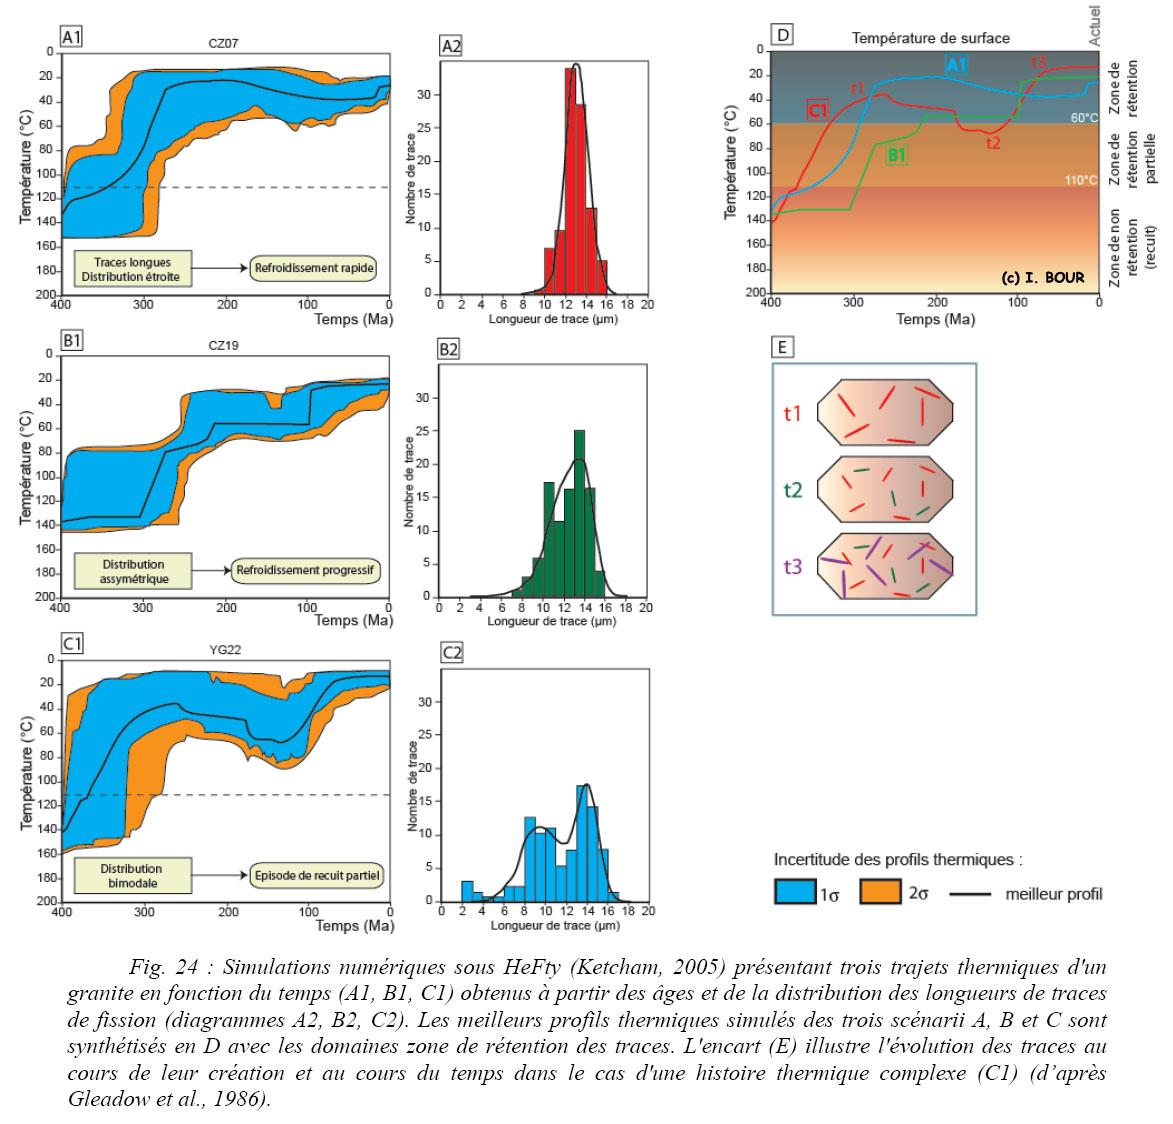 les techniques de datation chronométrique (absolu) sont basées sur rencontres interraciales dans DFW